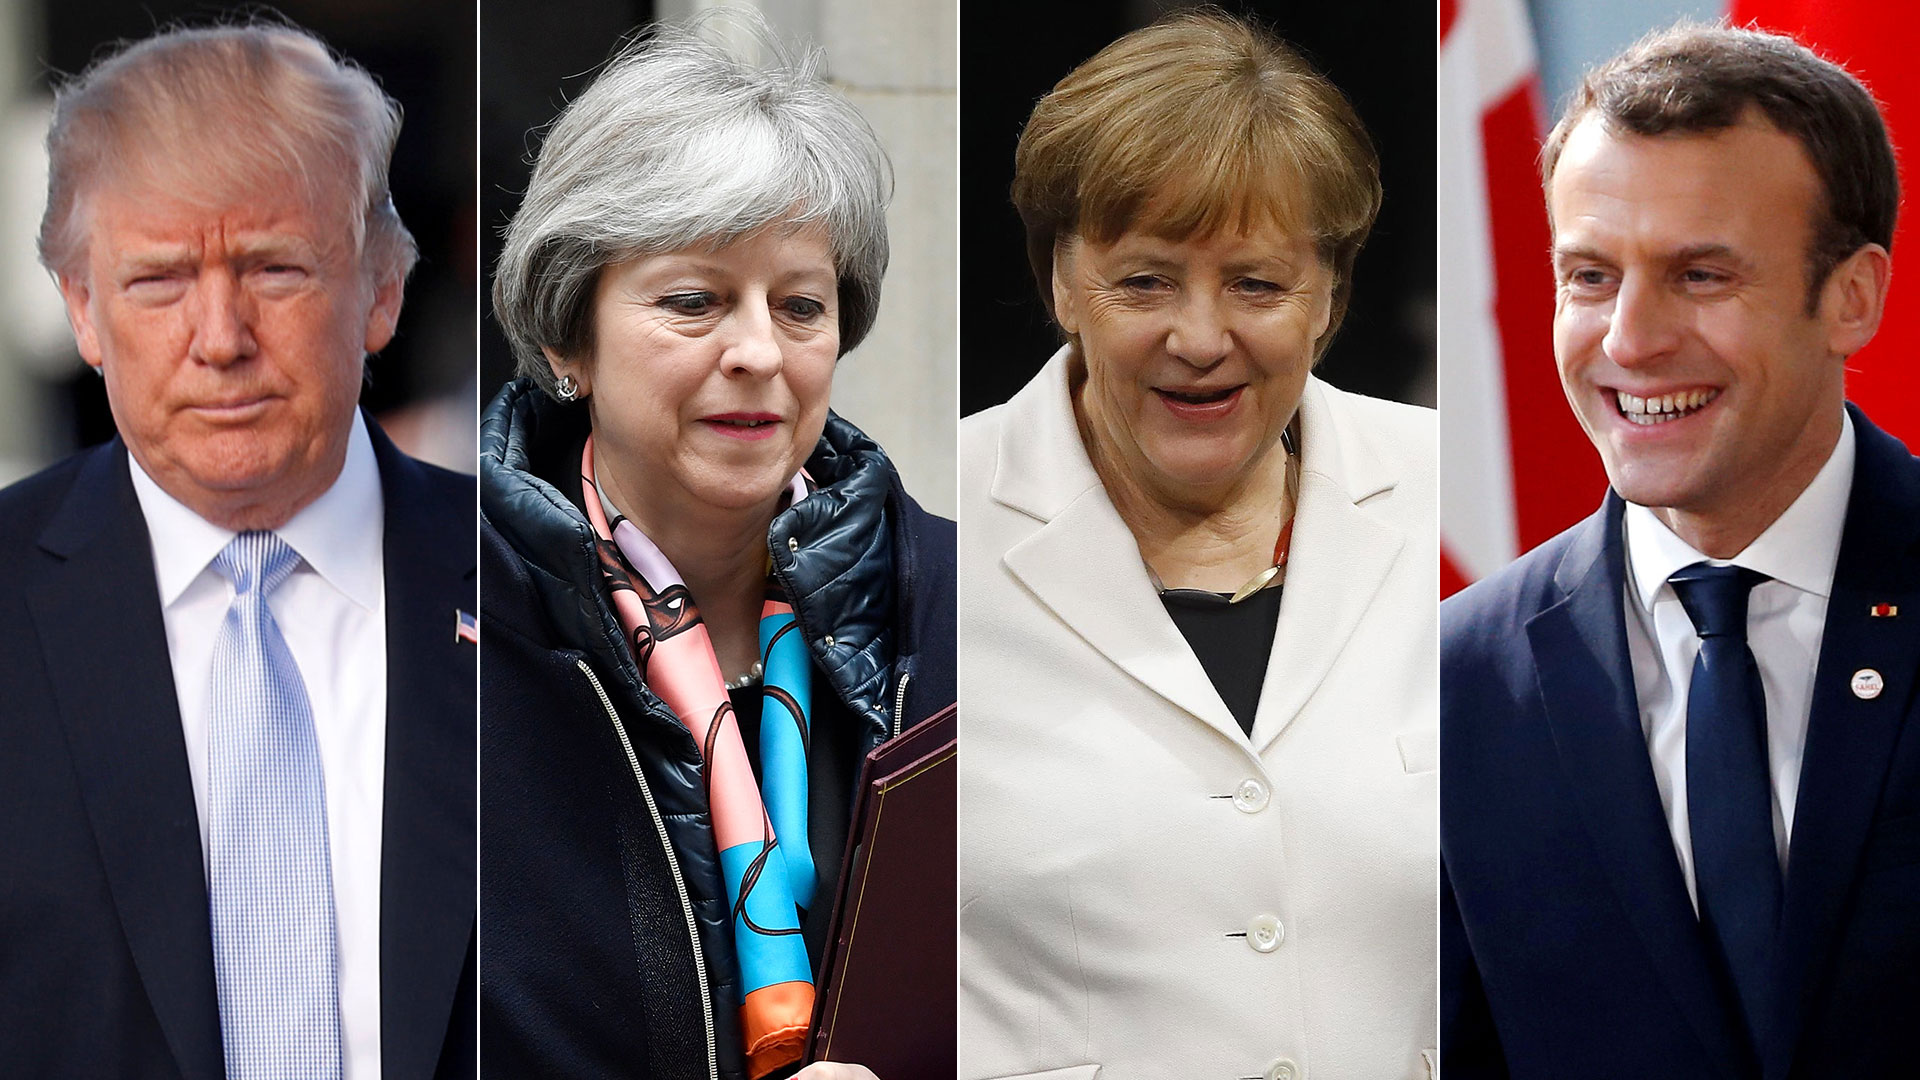 El gesto llega en un momento de tensiones entre aliados europeos y norteamericanos. En la foto: Donald Trump (EEUU), Theresa May (Reino Unido), Angela Merkel (Alemania) y Emmanuel Macron (Francia)